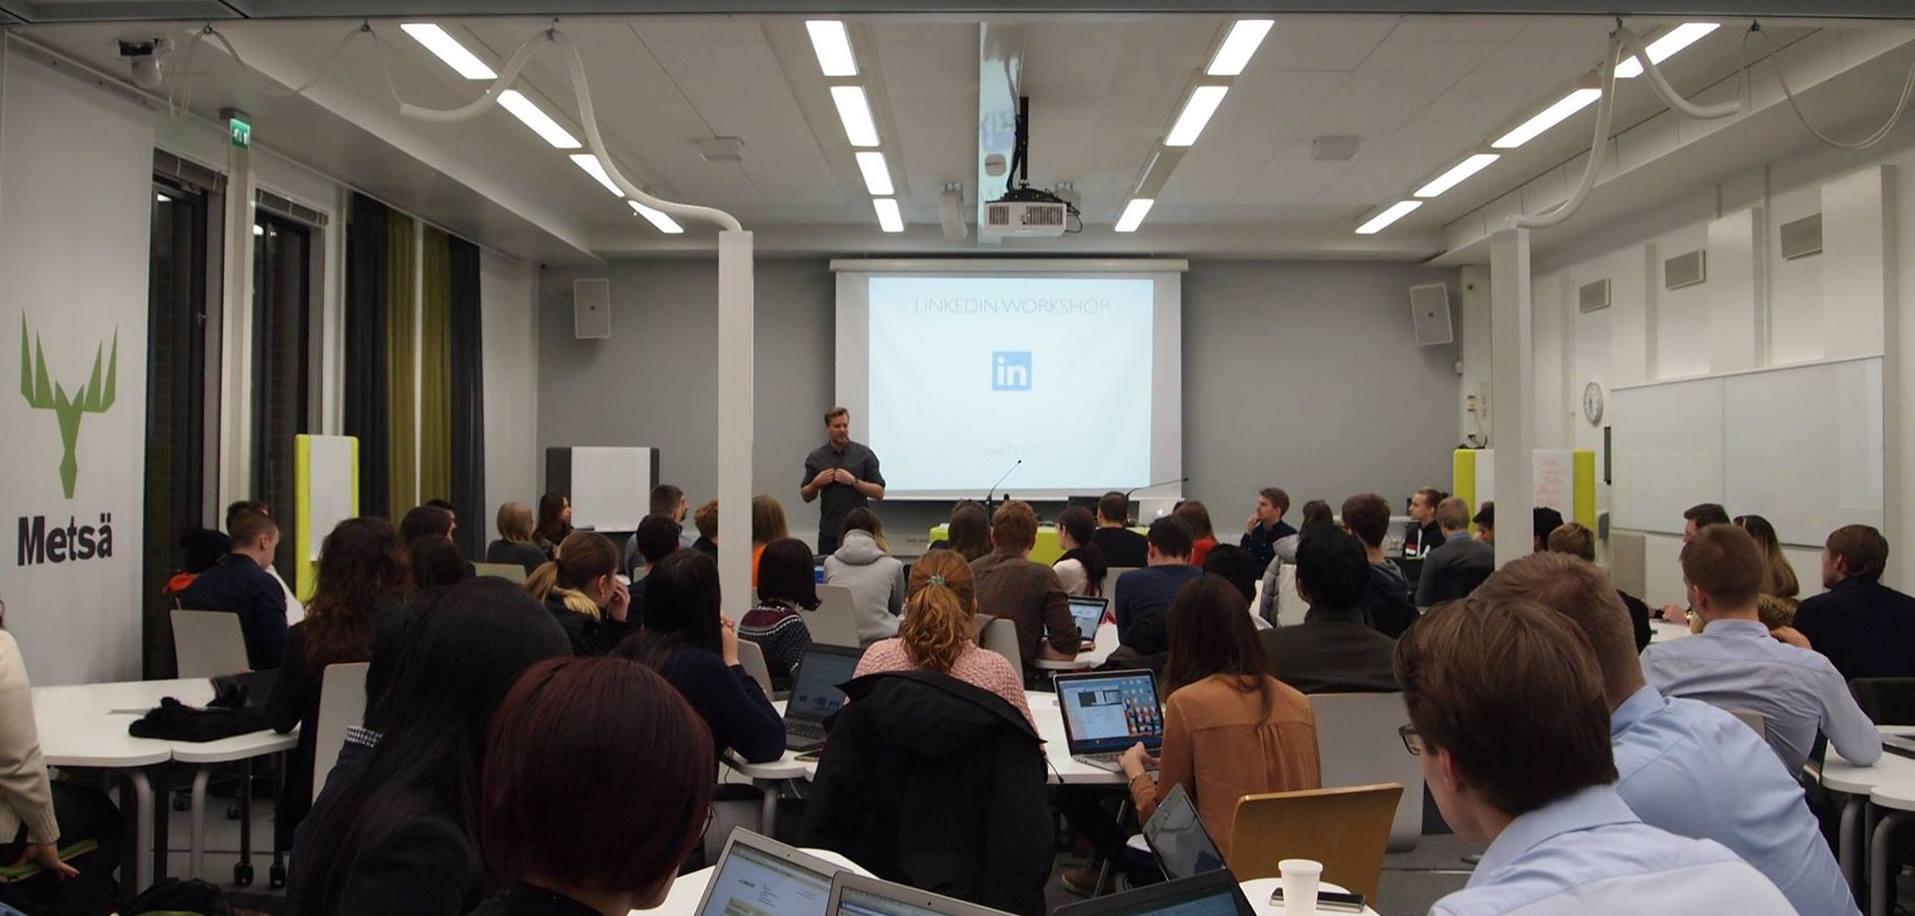 Yrittäjyysyhteisö Lutes edistää yrittäjyyttä kampuksella